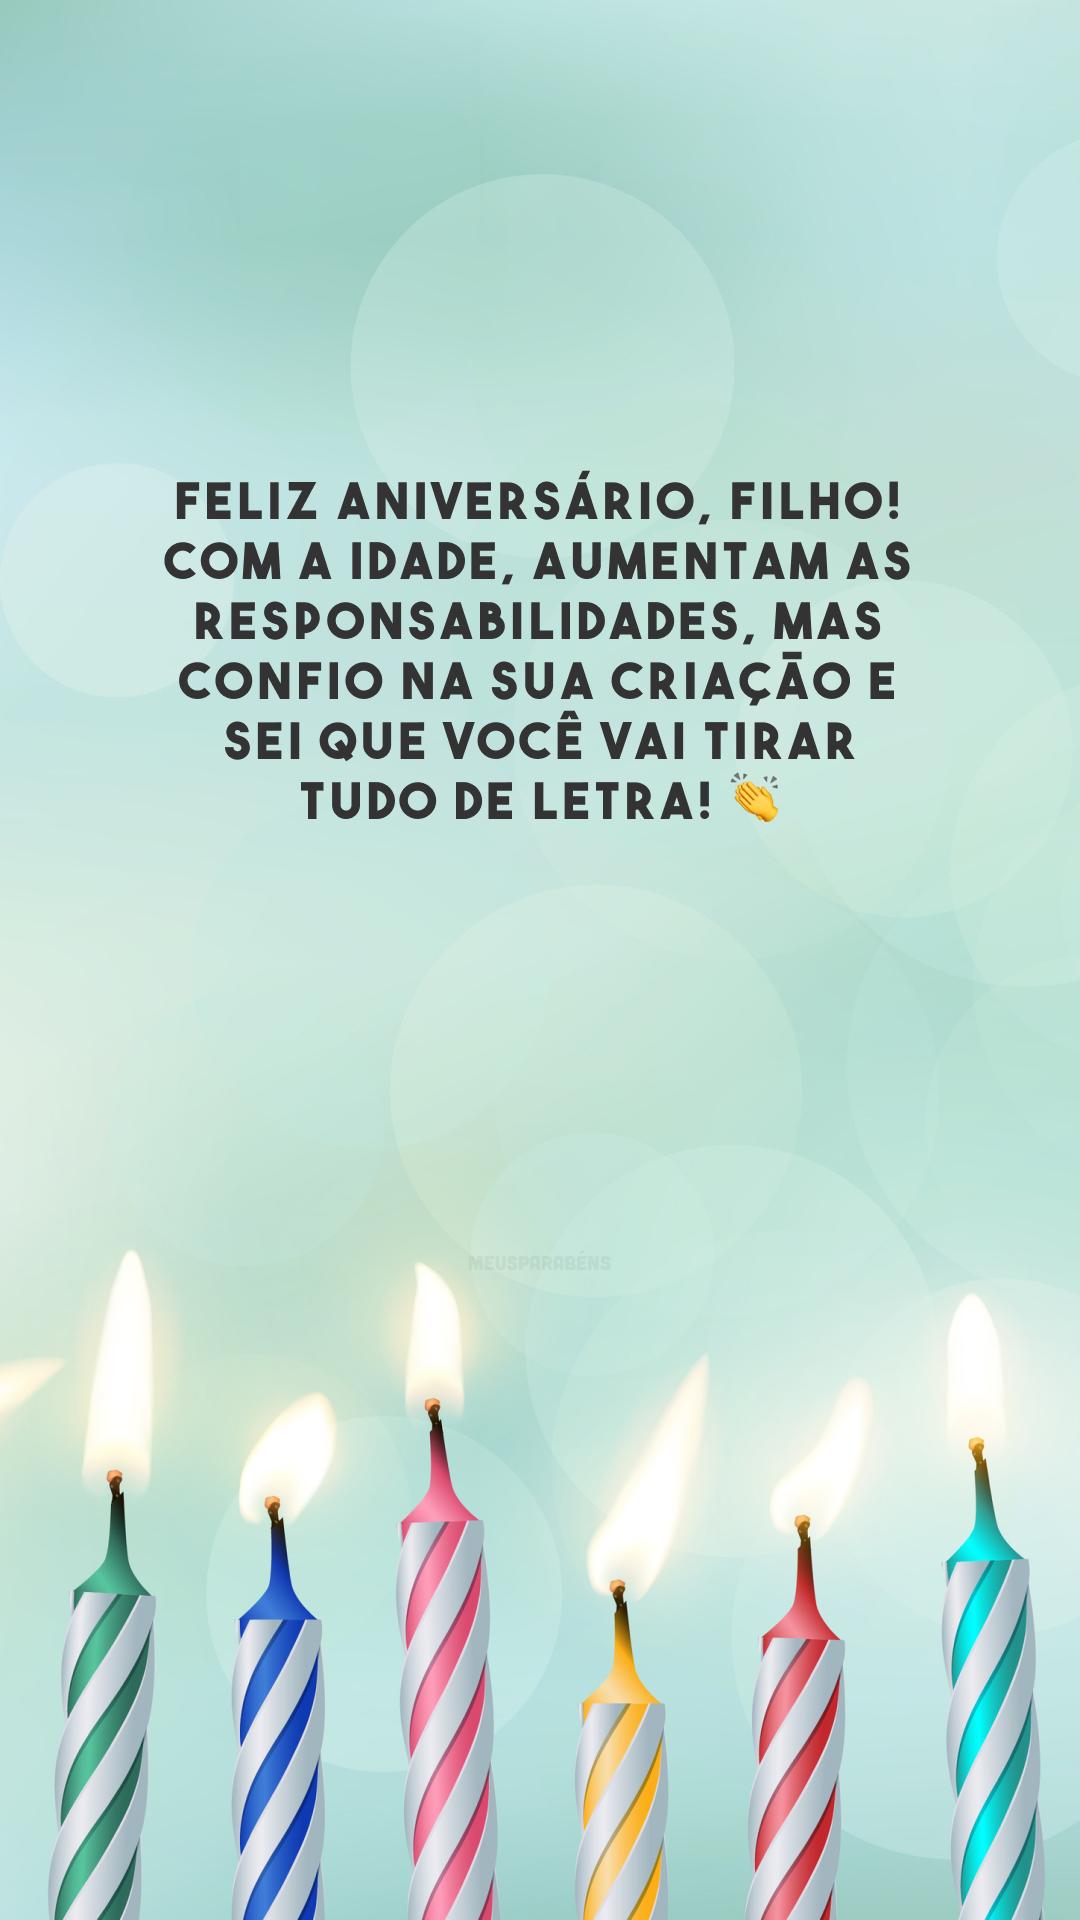 Feliz aniversário, filho! Com a idade, aumentam as responsabilidades, mas confio na sua criação e sei que você vai tirar tudo de letra! 👏